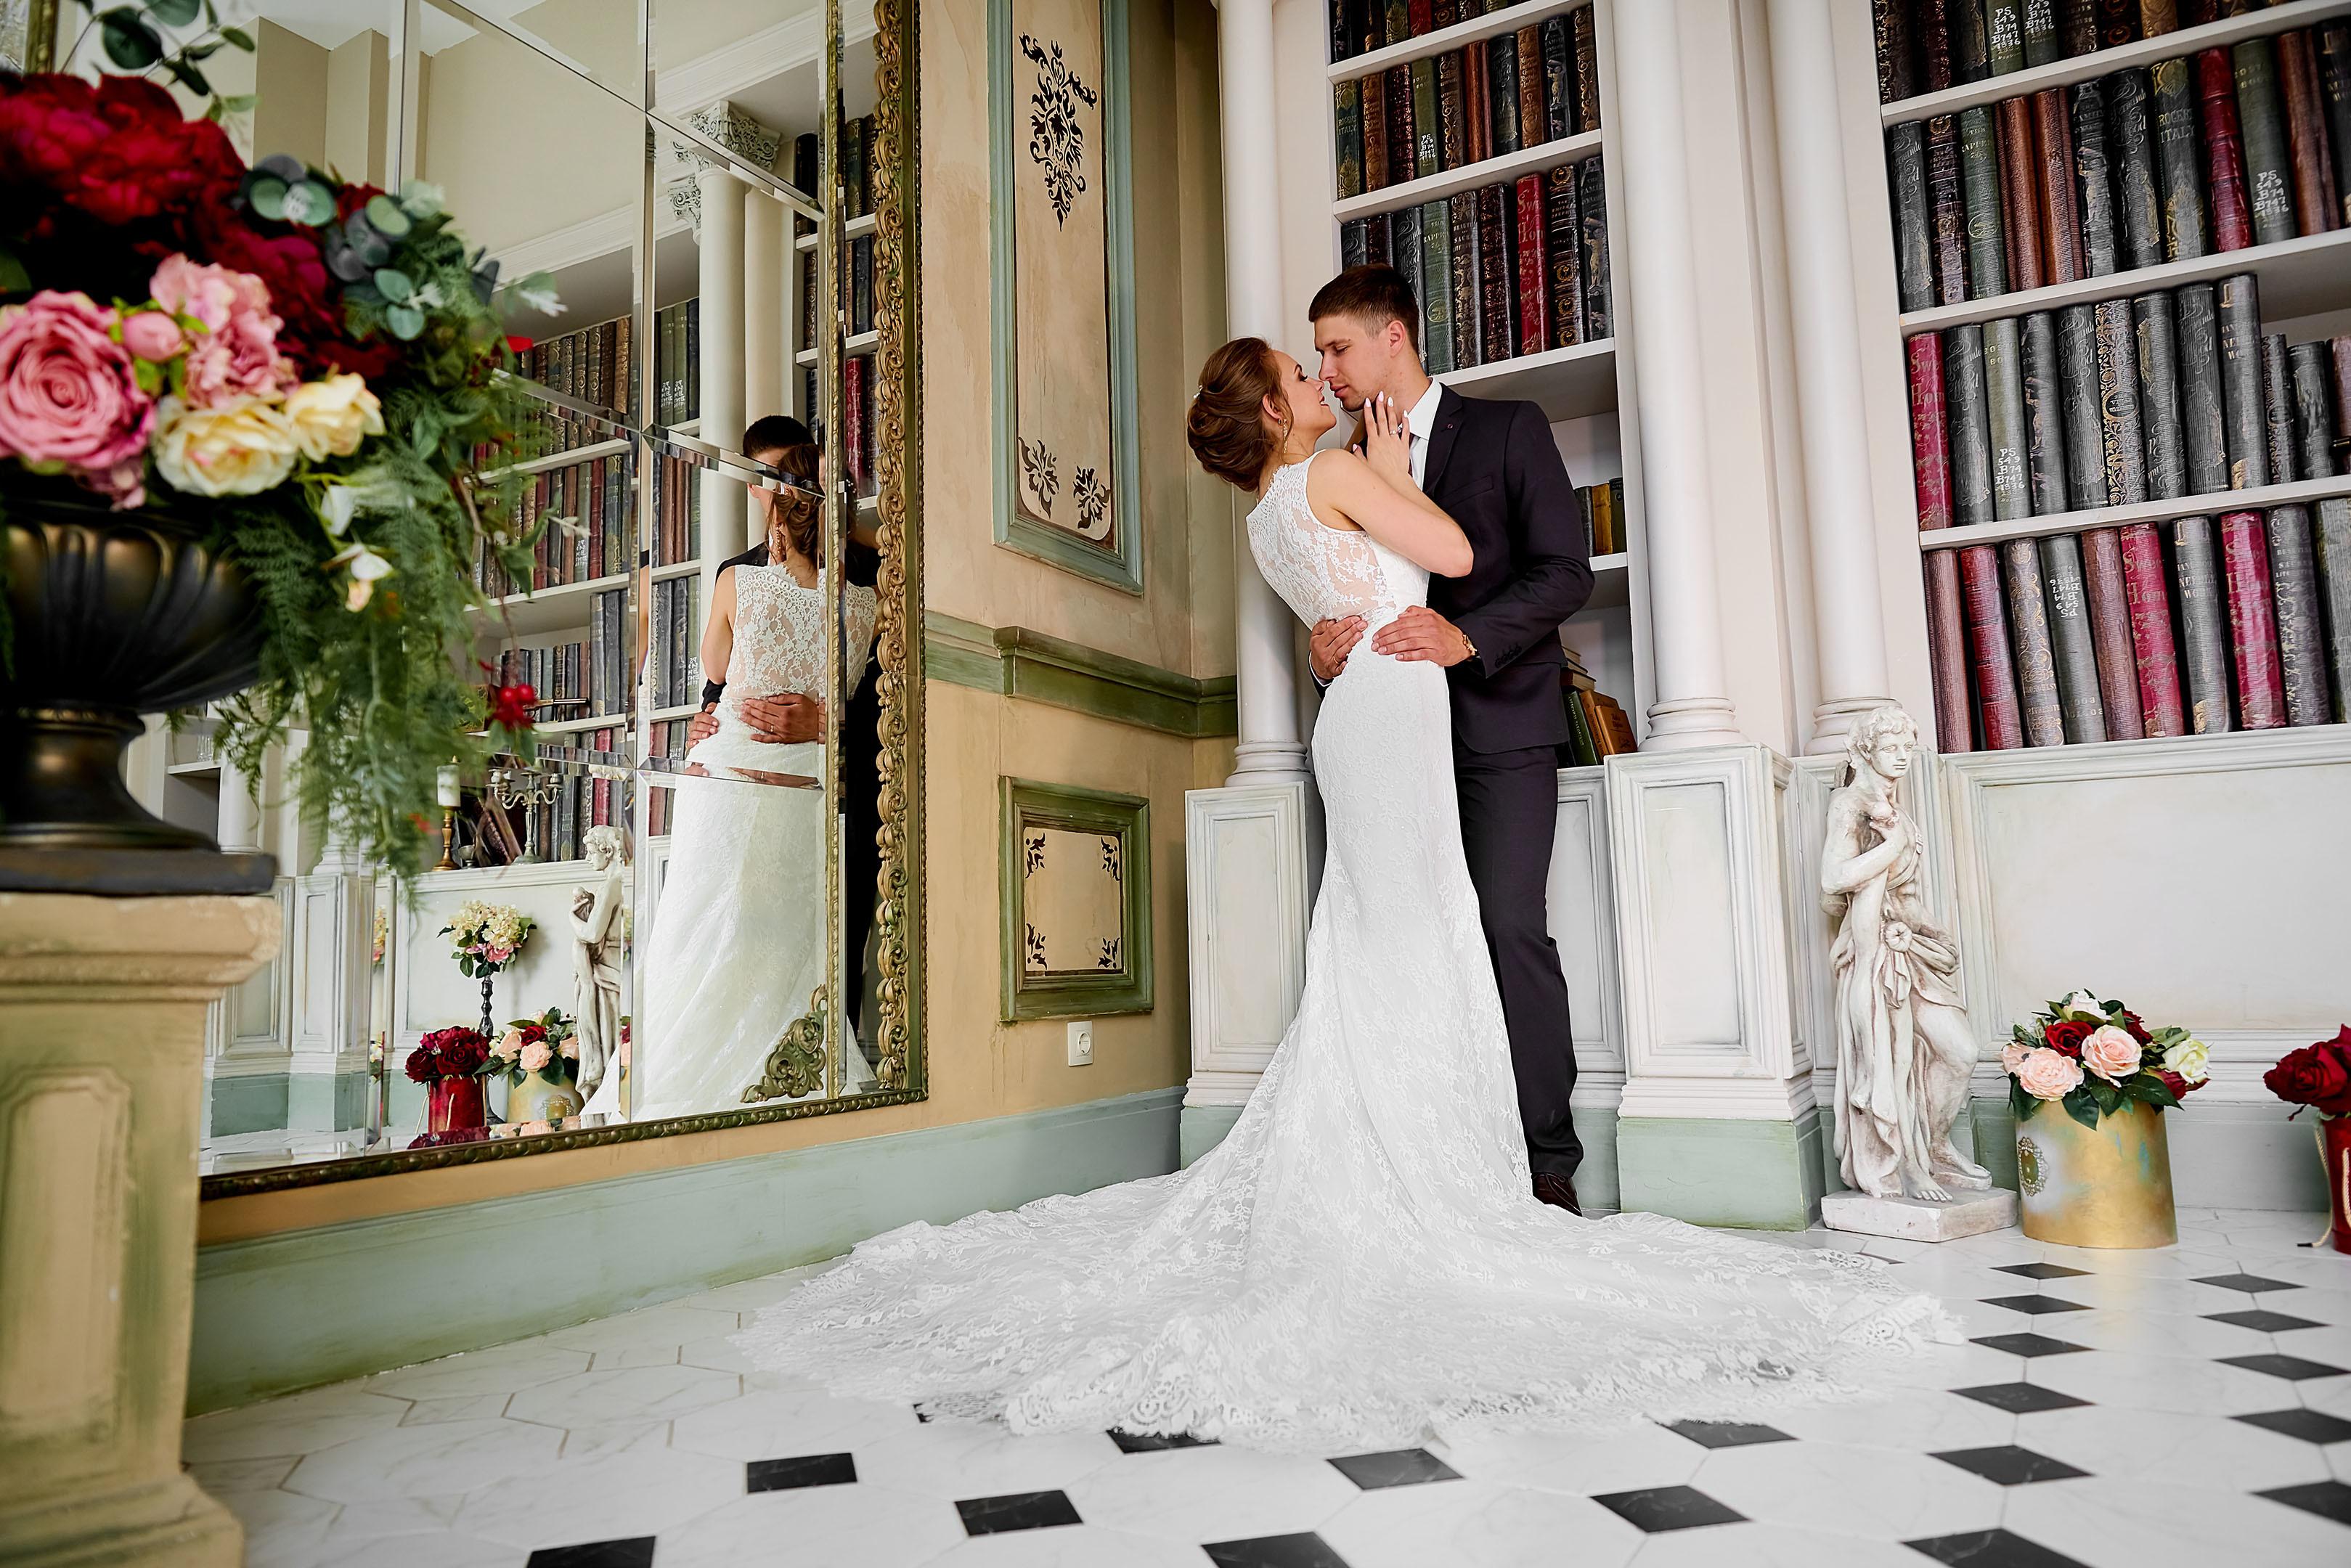 Свадебная фотосессия летом в фотостудии, свадебный фотограф Спб, Питер